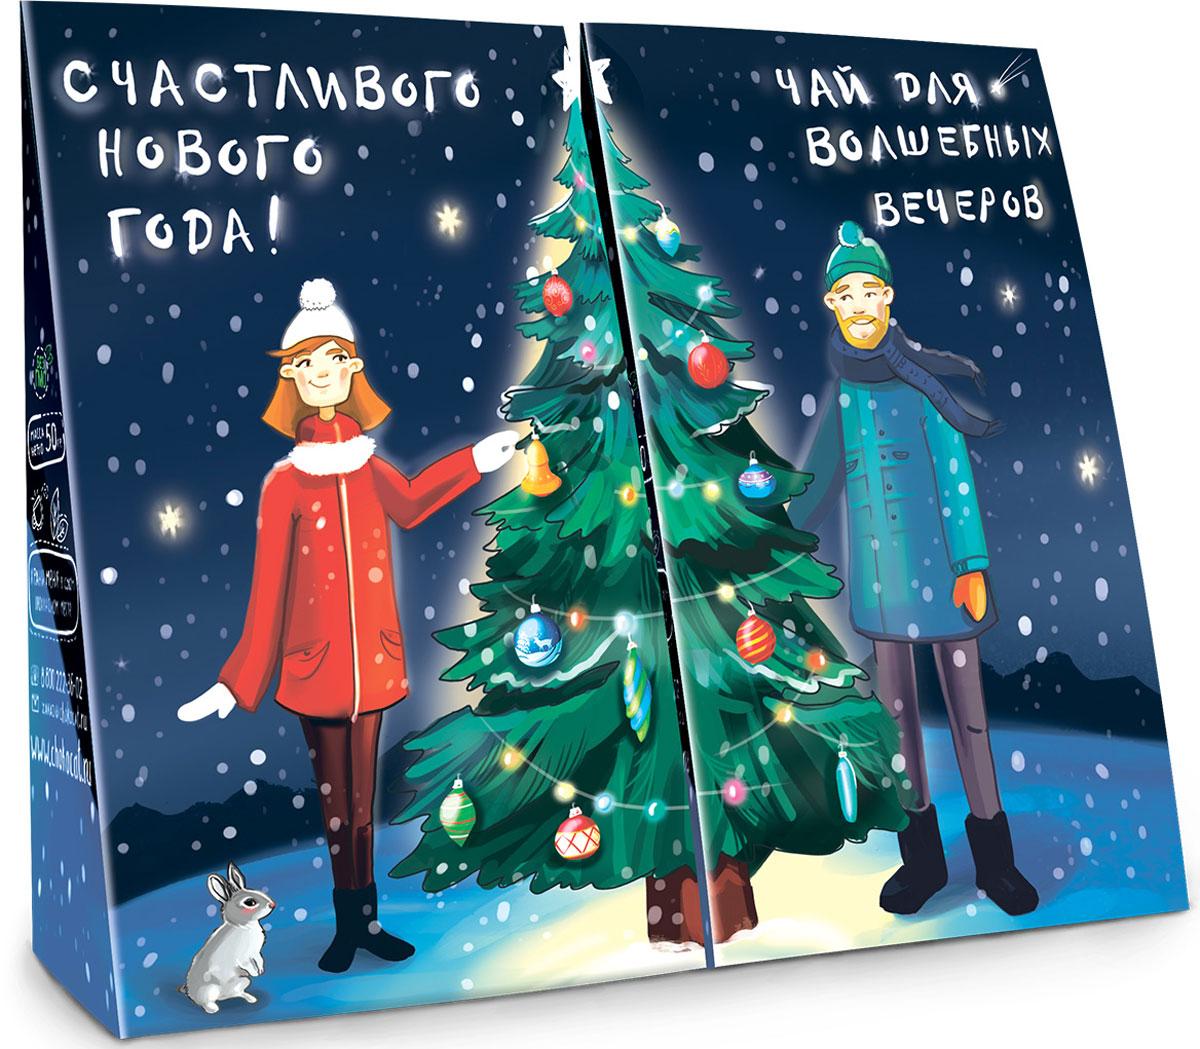 Chokocat Для пары чай для нее и для него, 50 гЧАЙ023Новогодний Чай Для пары продается только вместе для него и для нее. В 2 раза больше чая и удовольствия! На обратной стороне пожелания и поздравления С Новым Годом.